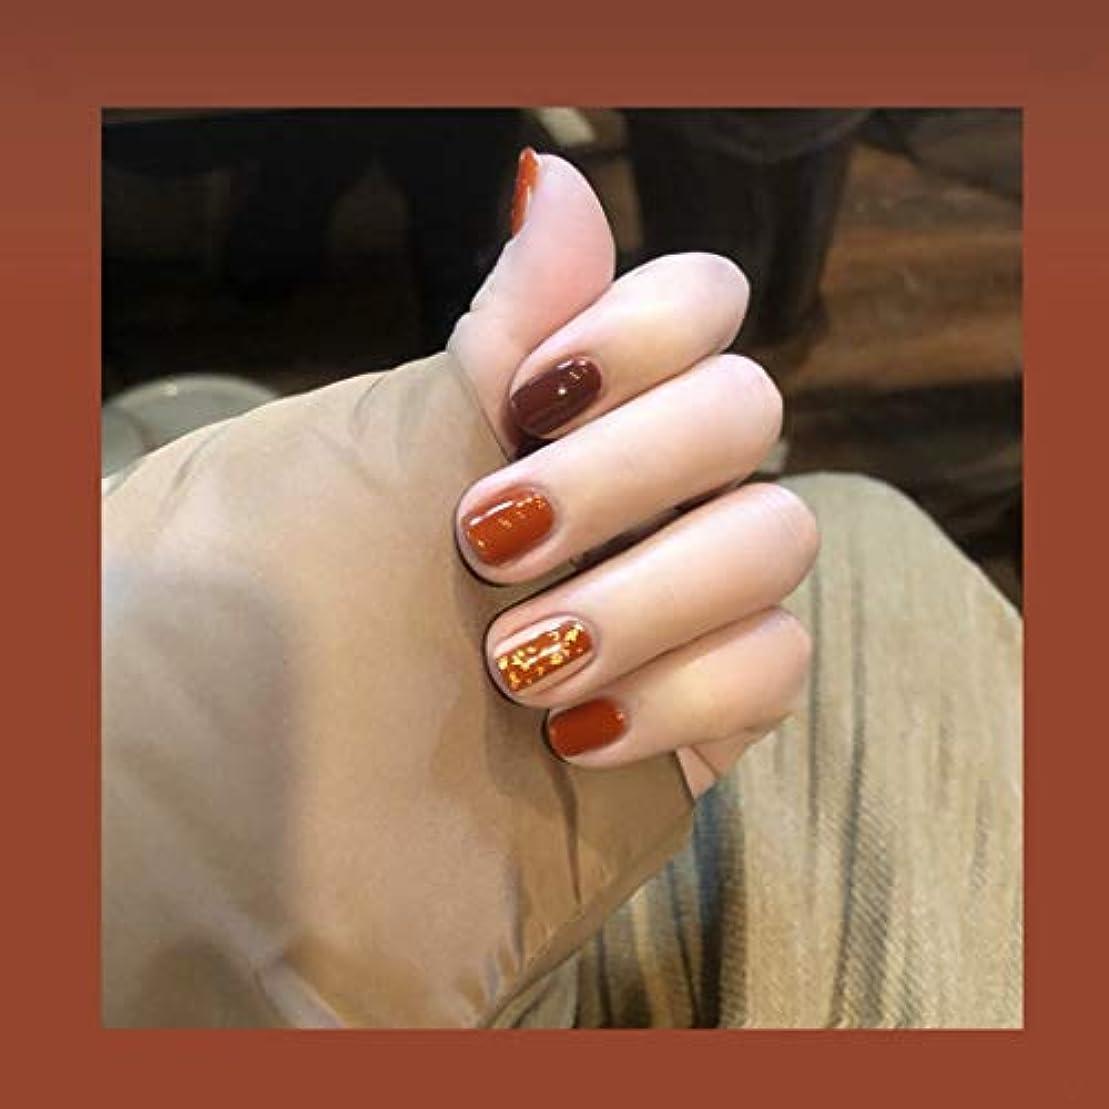 コンサルタント取り扱い驚くべき可愛い優雅ネイル 女性気質 手作りネイルチップ 24枚入 簡単に爪を取り除くことができます フレンチネイルチップ 二次会ネイルチップ 結婚式ネイルチップ (キャラメル色)